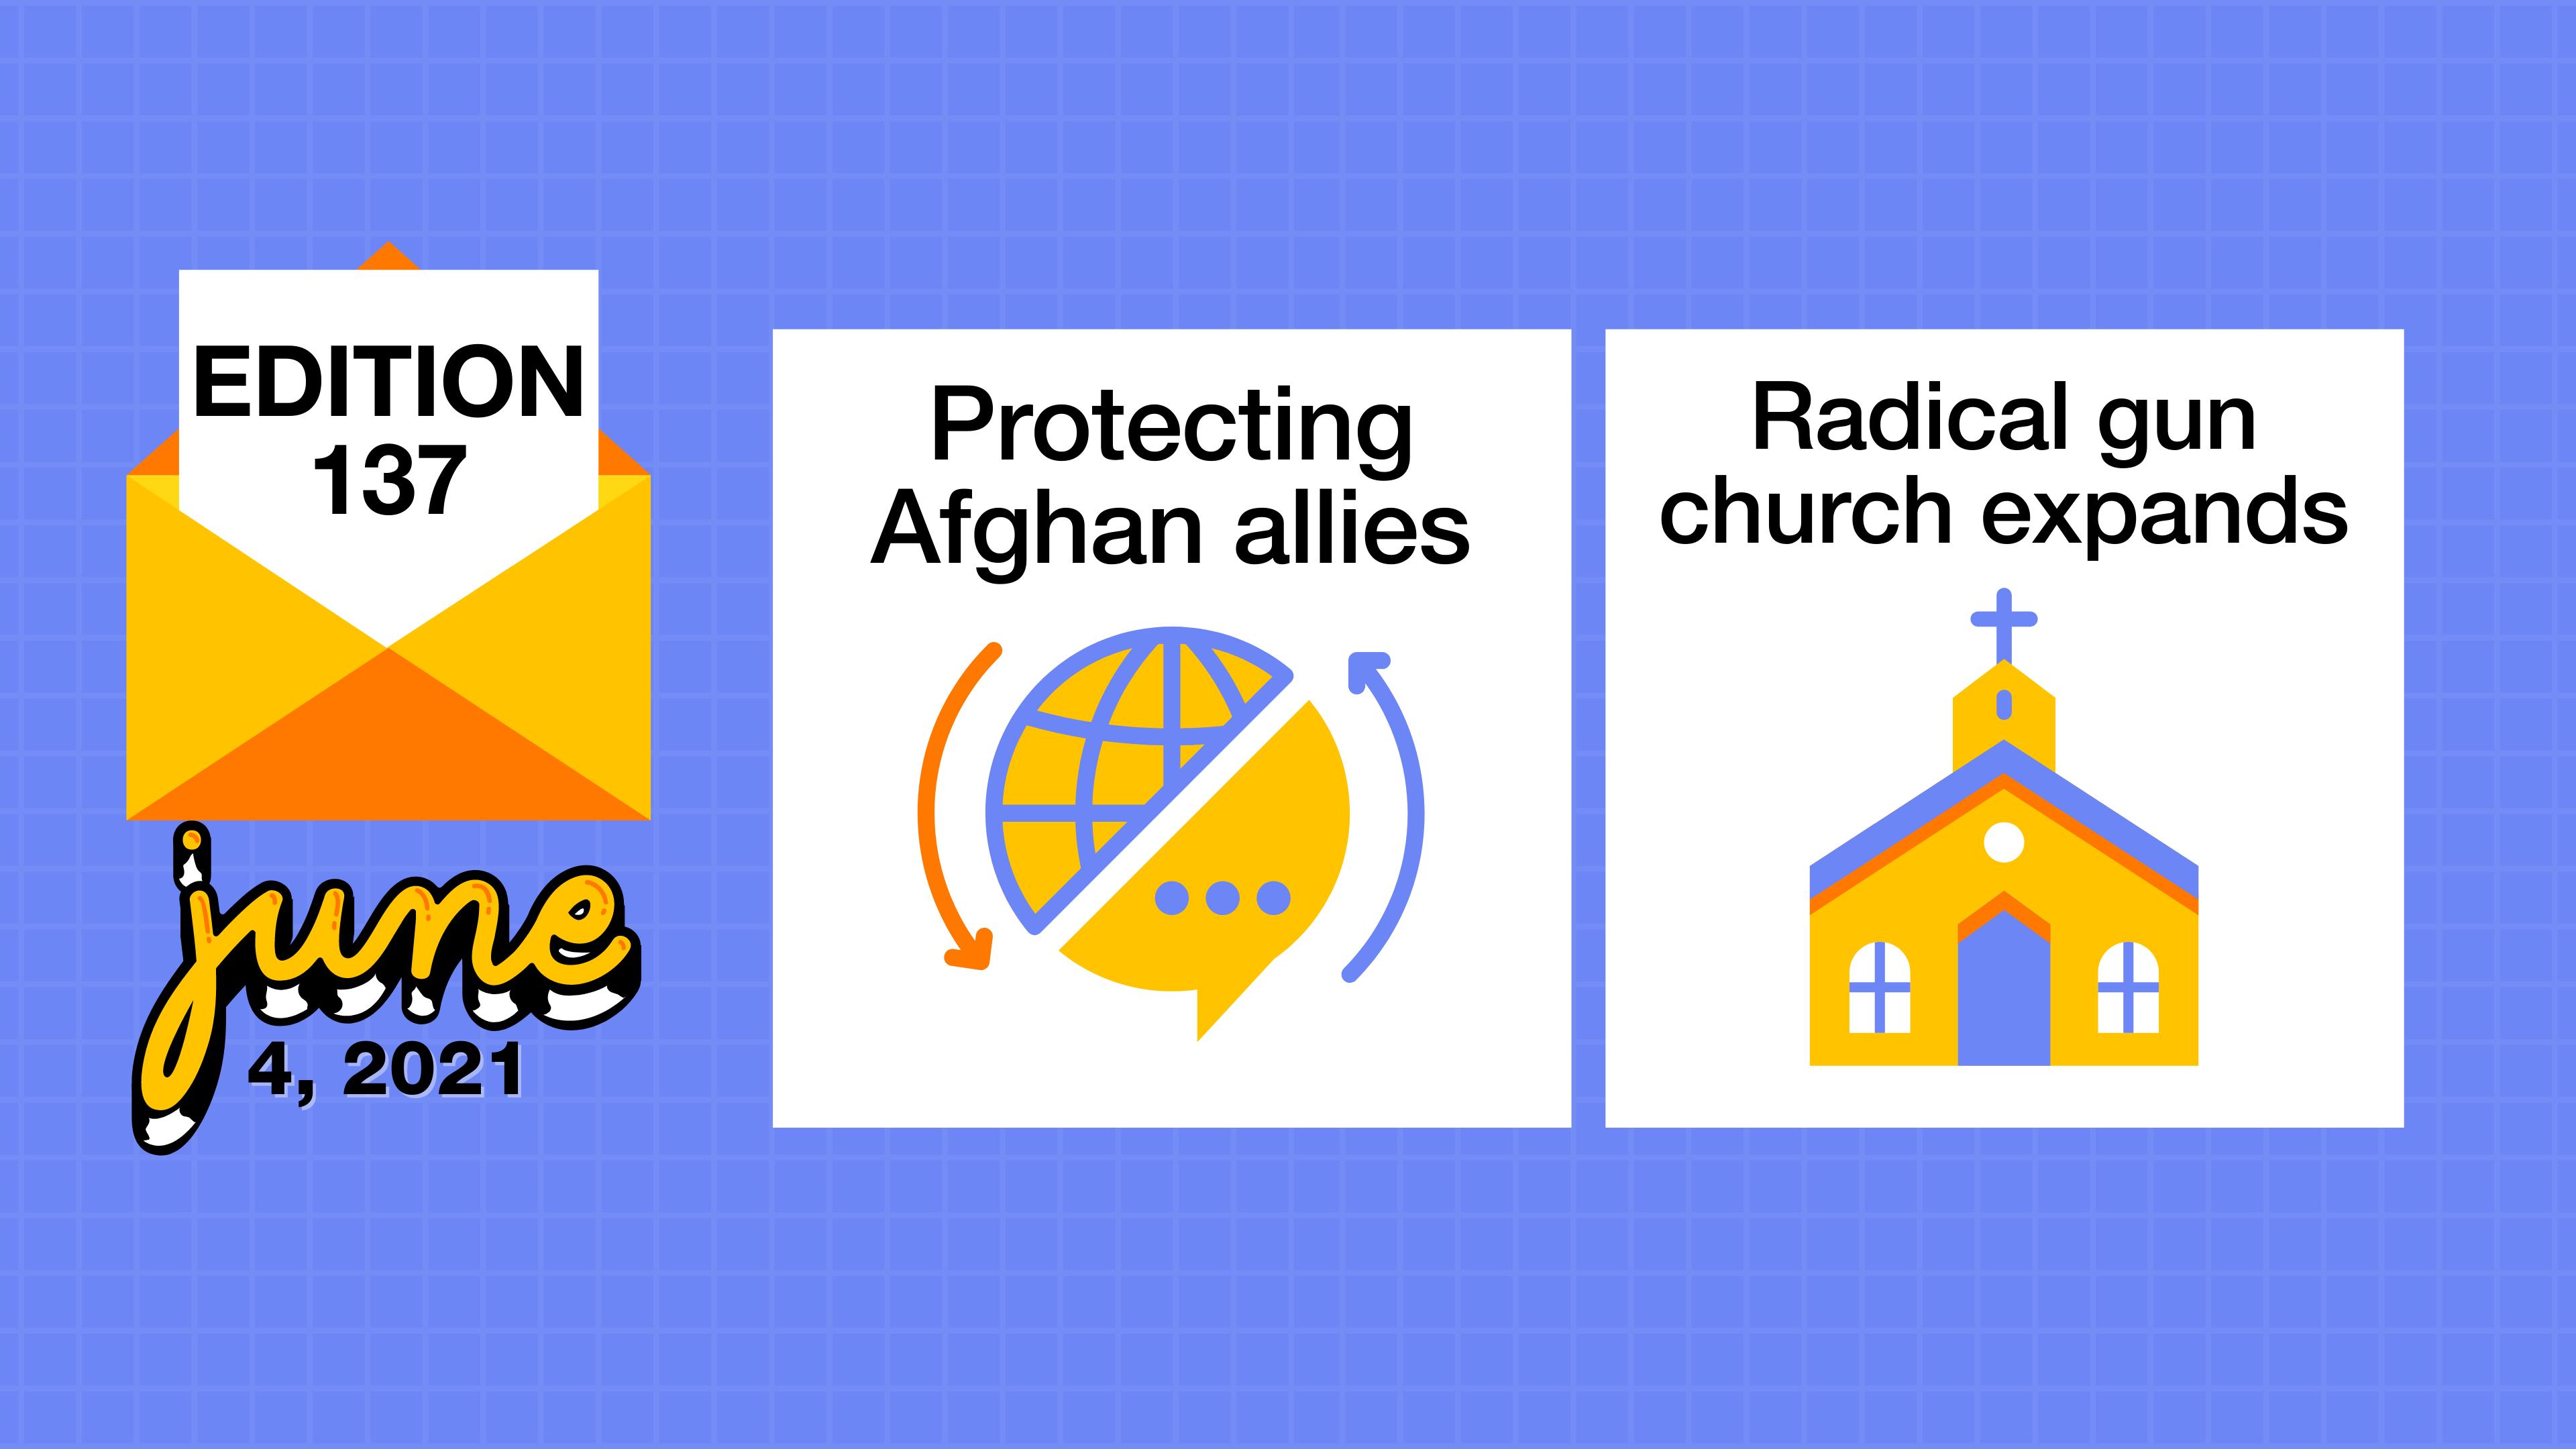 Protecting Afghan allies and a radical gun church